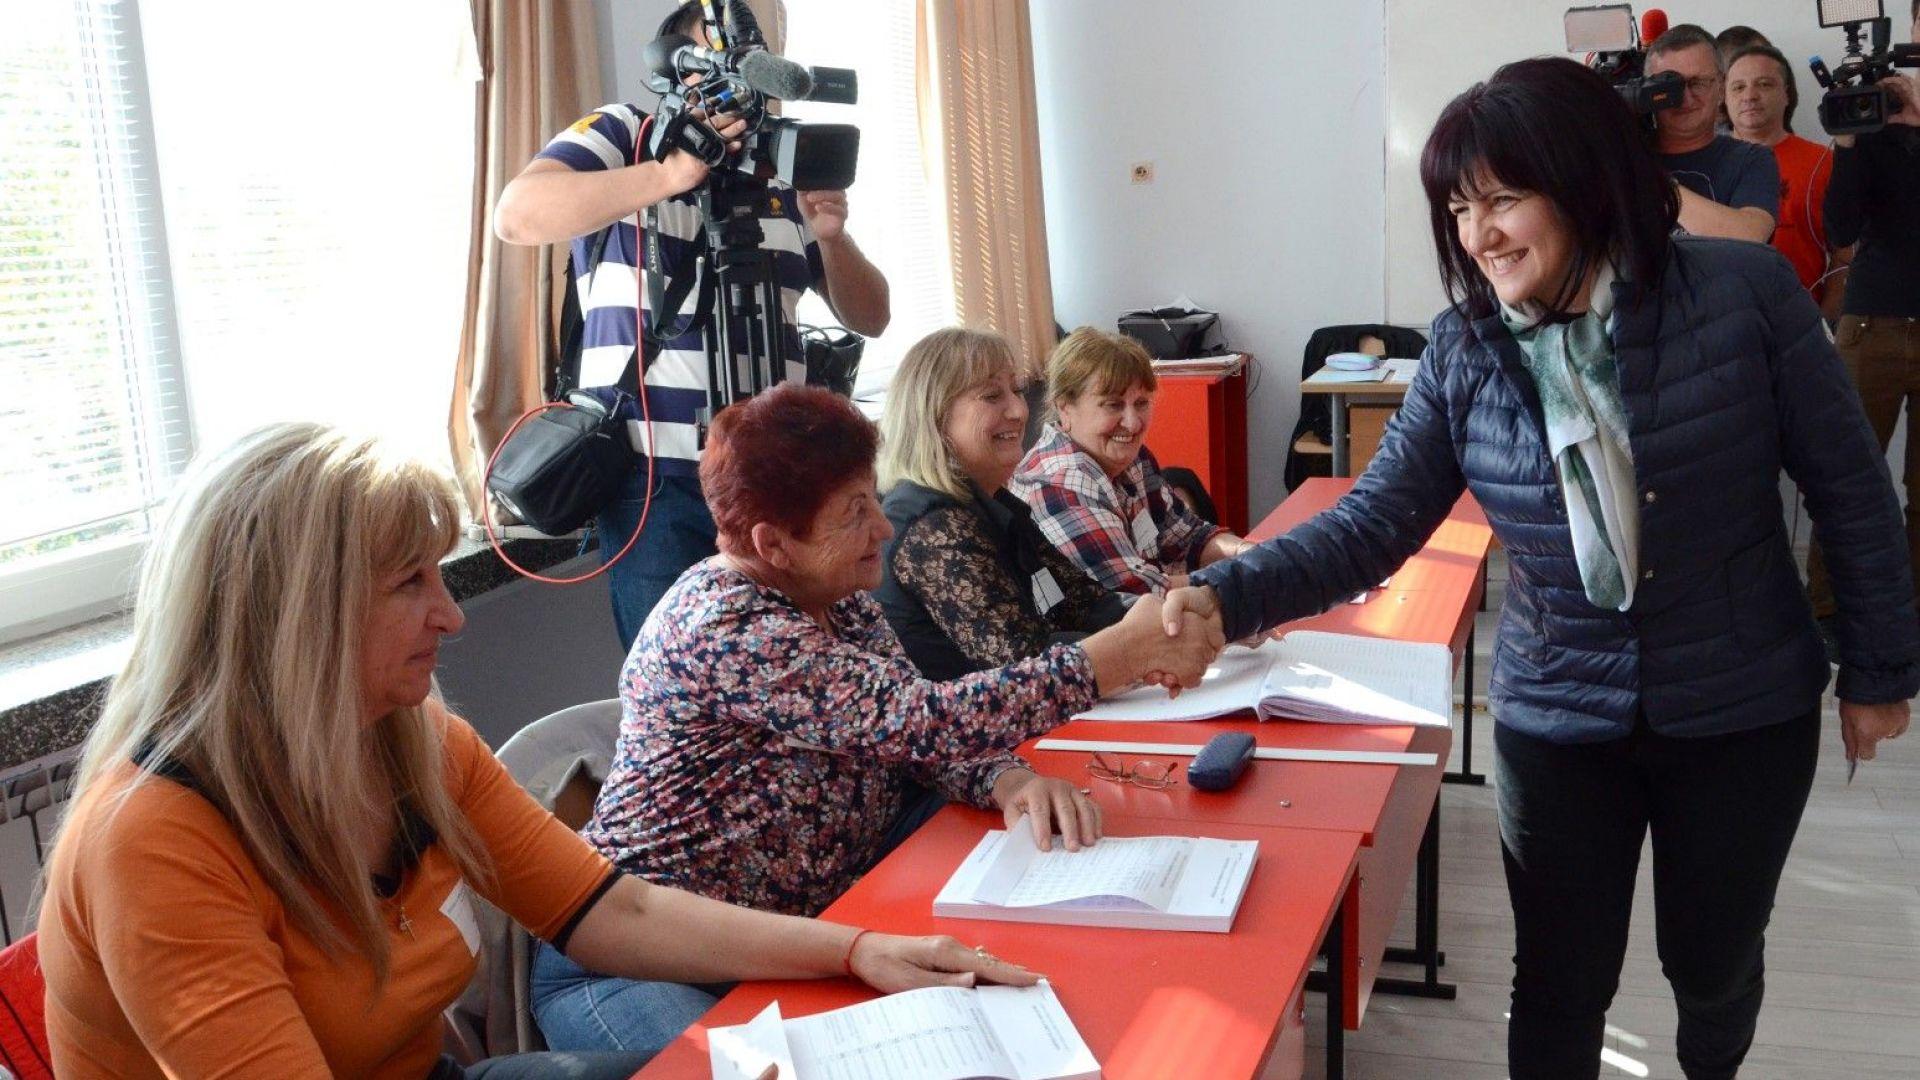 Цвета Караянчева предупреди: Не очаквайте извънредни парламентарни избори